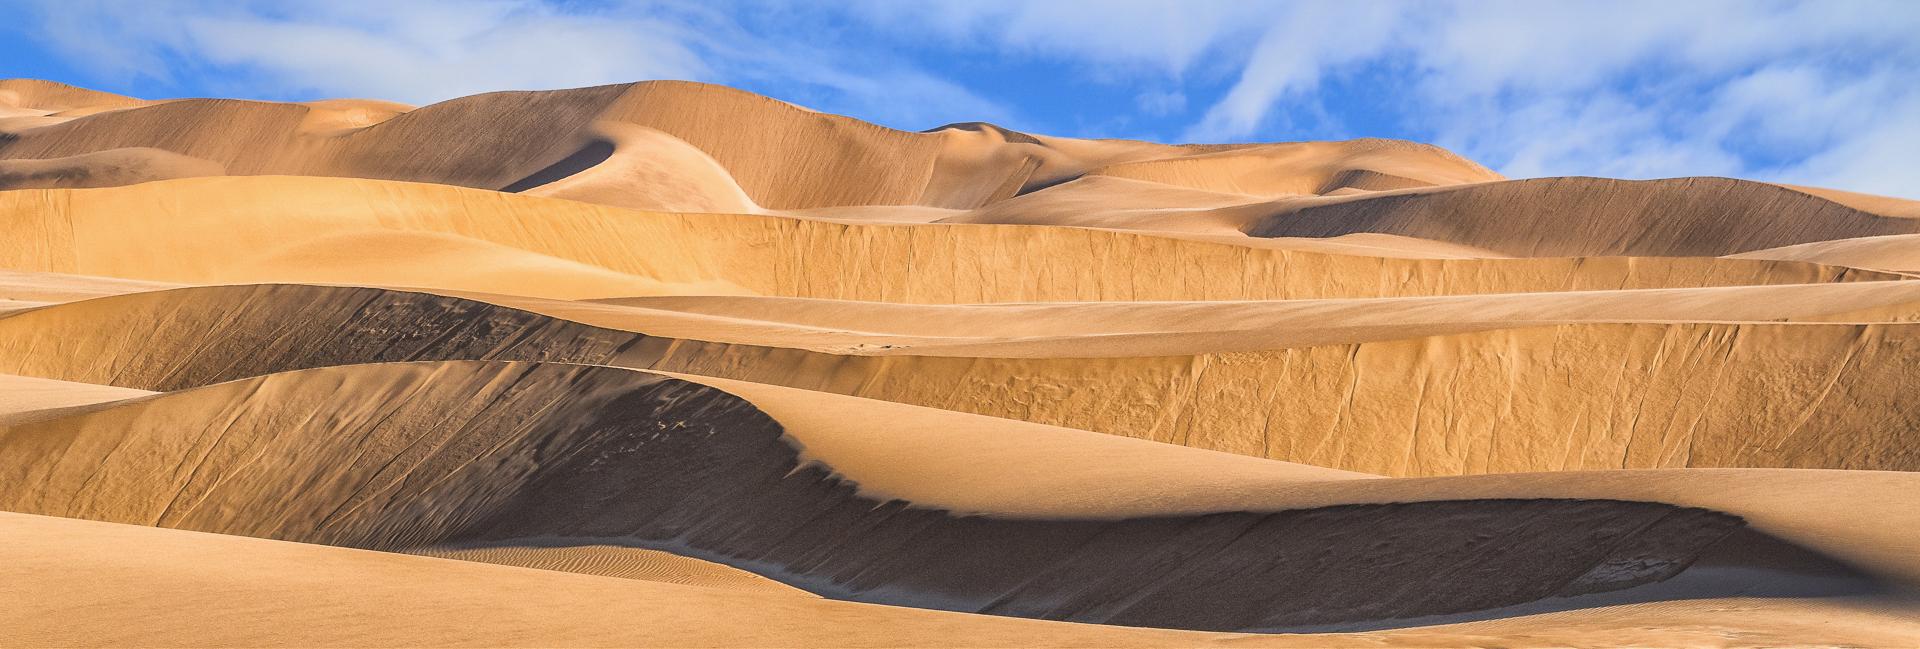 Dunes outside Swakopmund